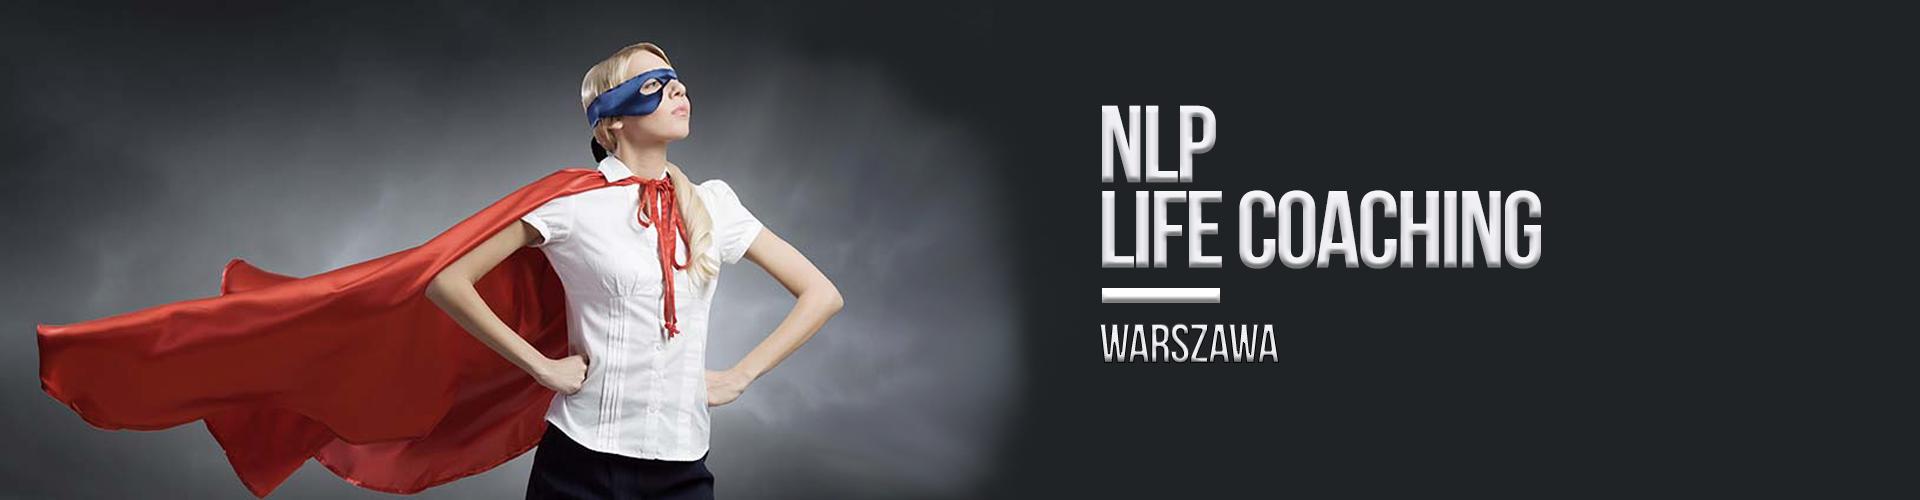 nlp_life_coaching_31